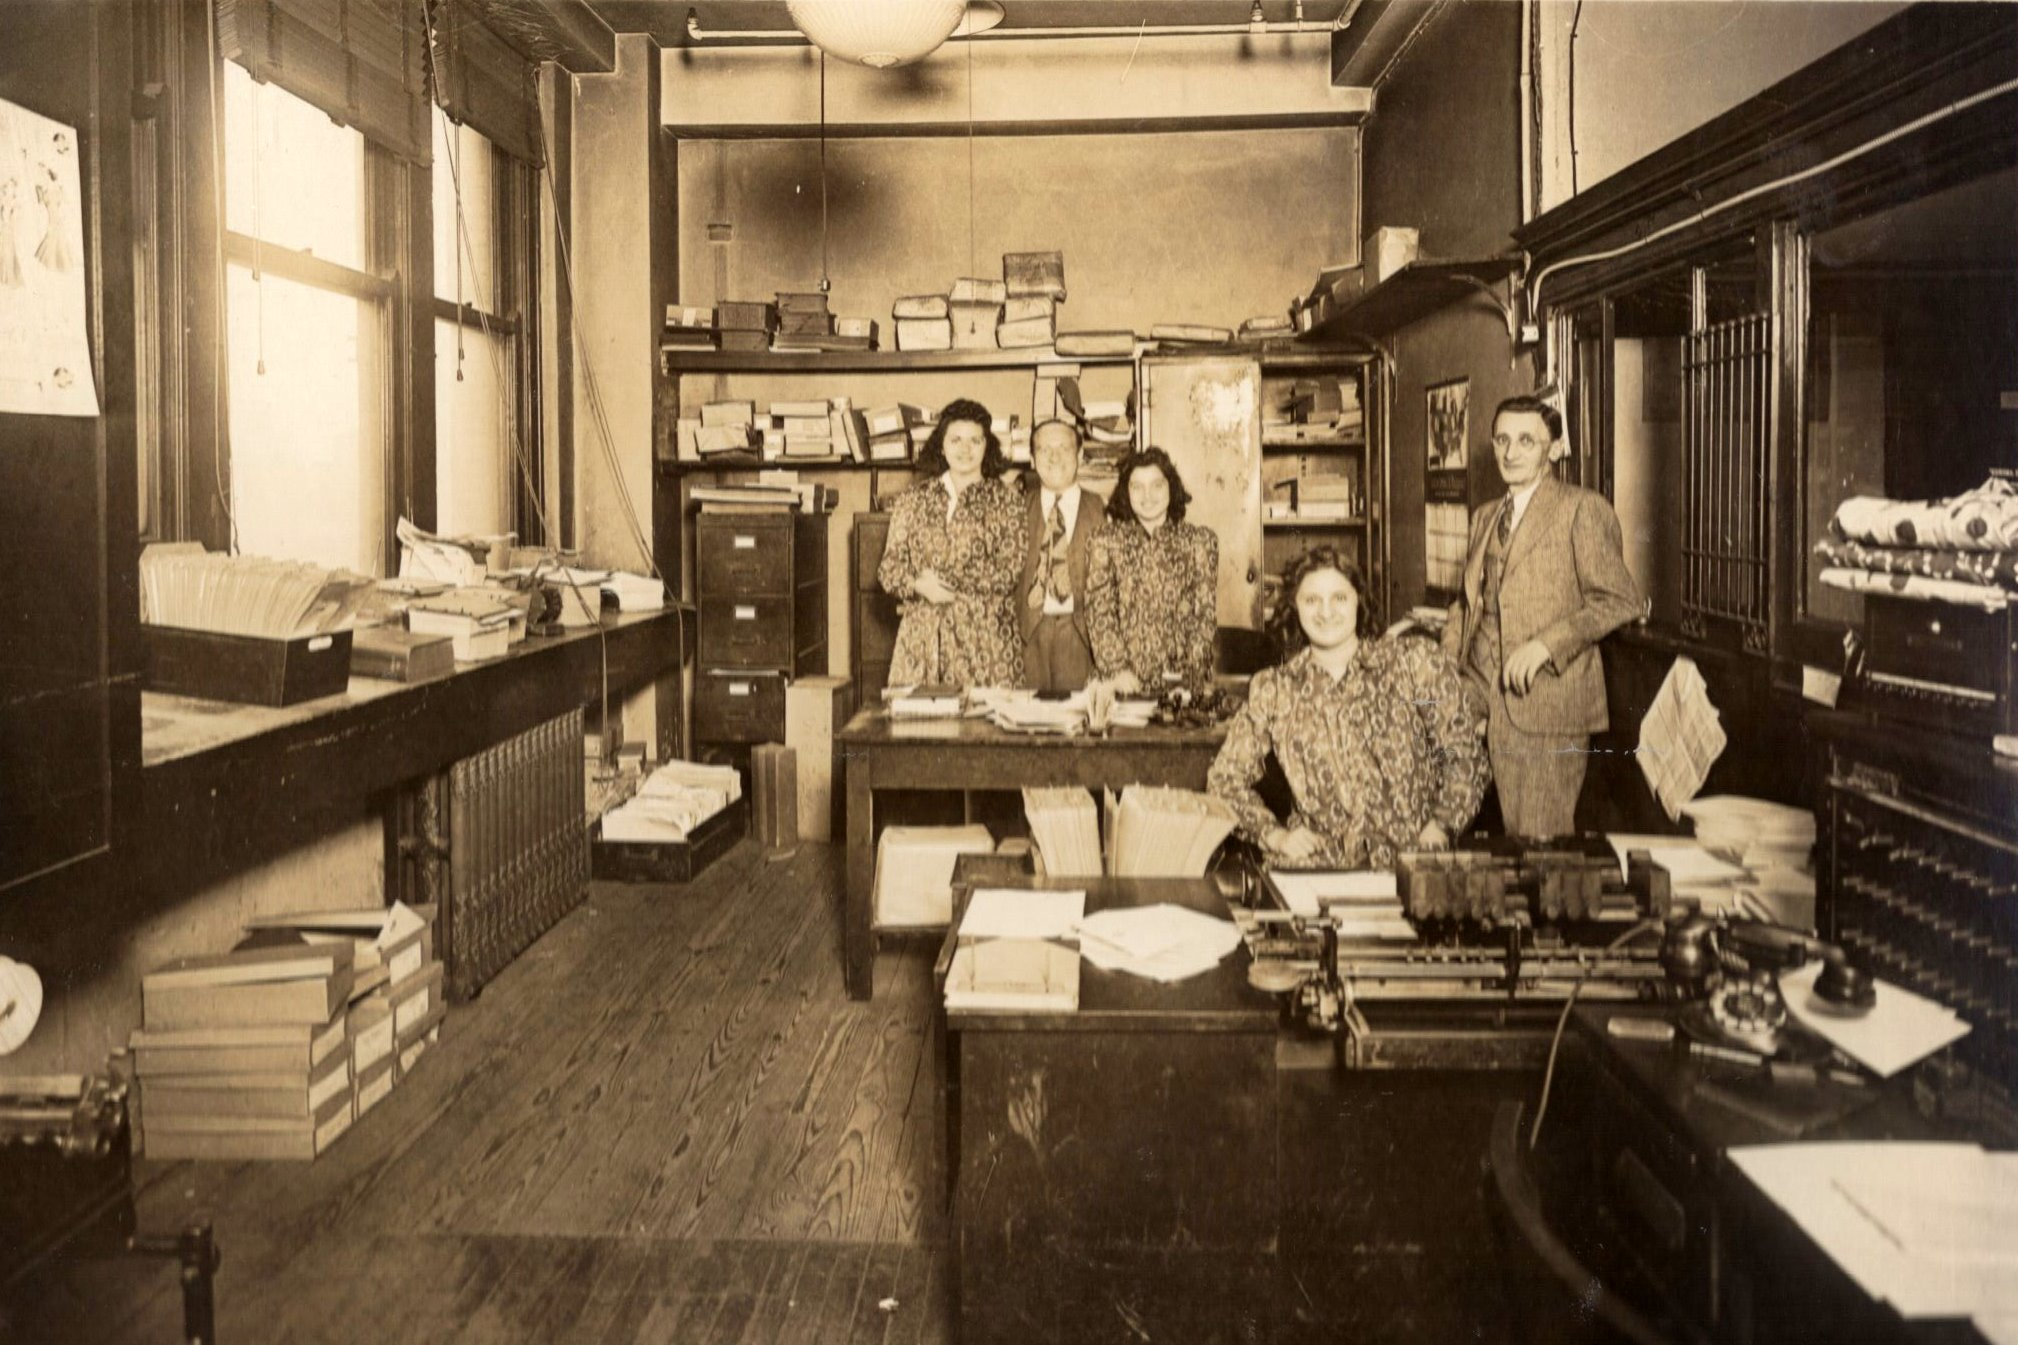 Chicago Knitting Mills : Simon sidney morrison